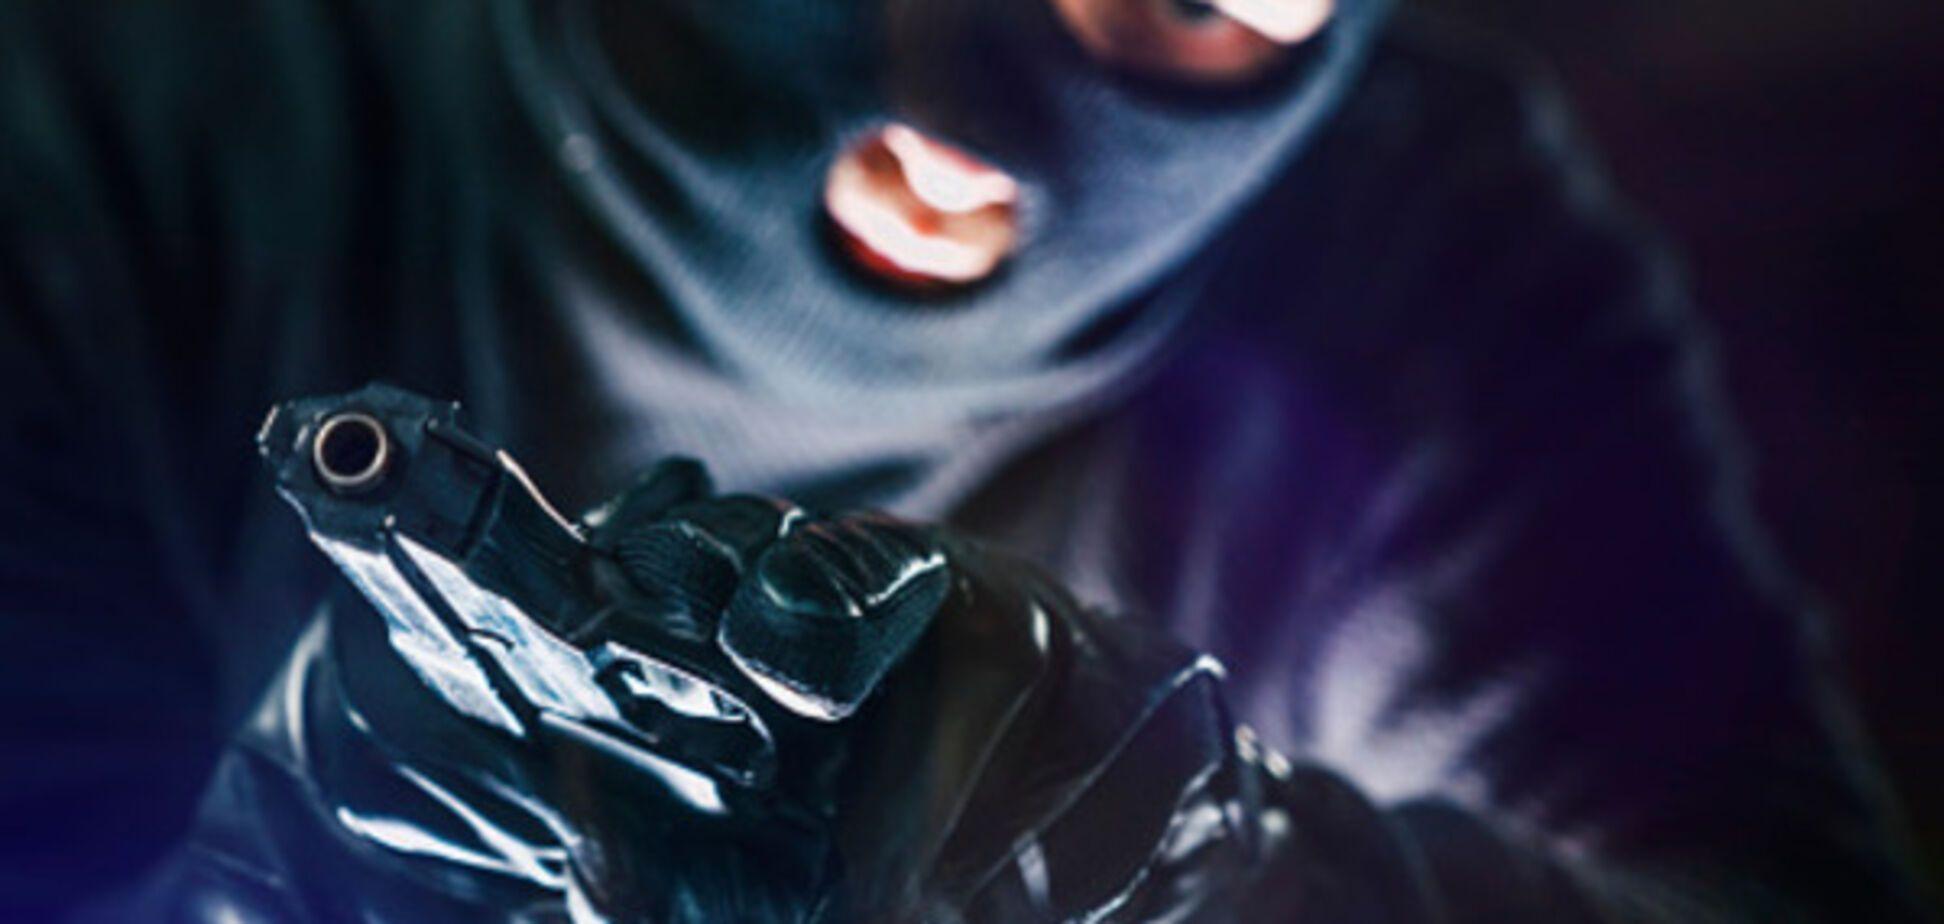 Женский парик и взрывчатка: под Киевом задержали изощренного мстителя